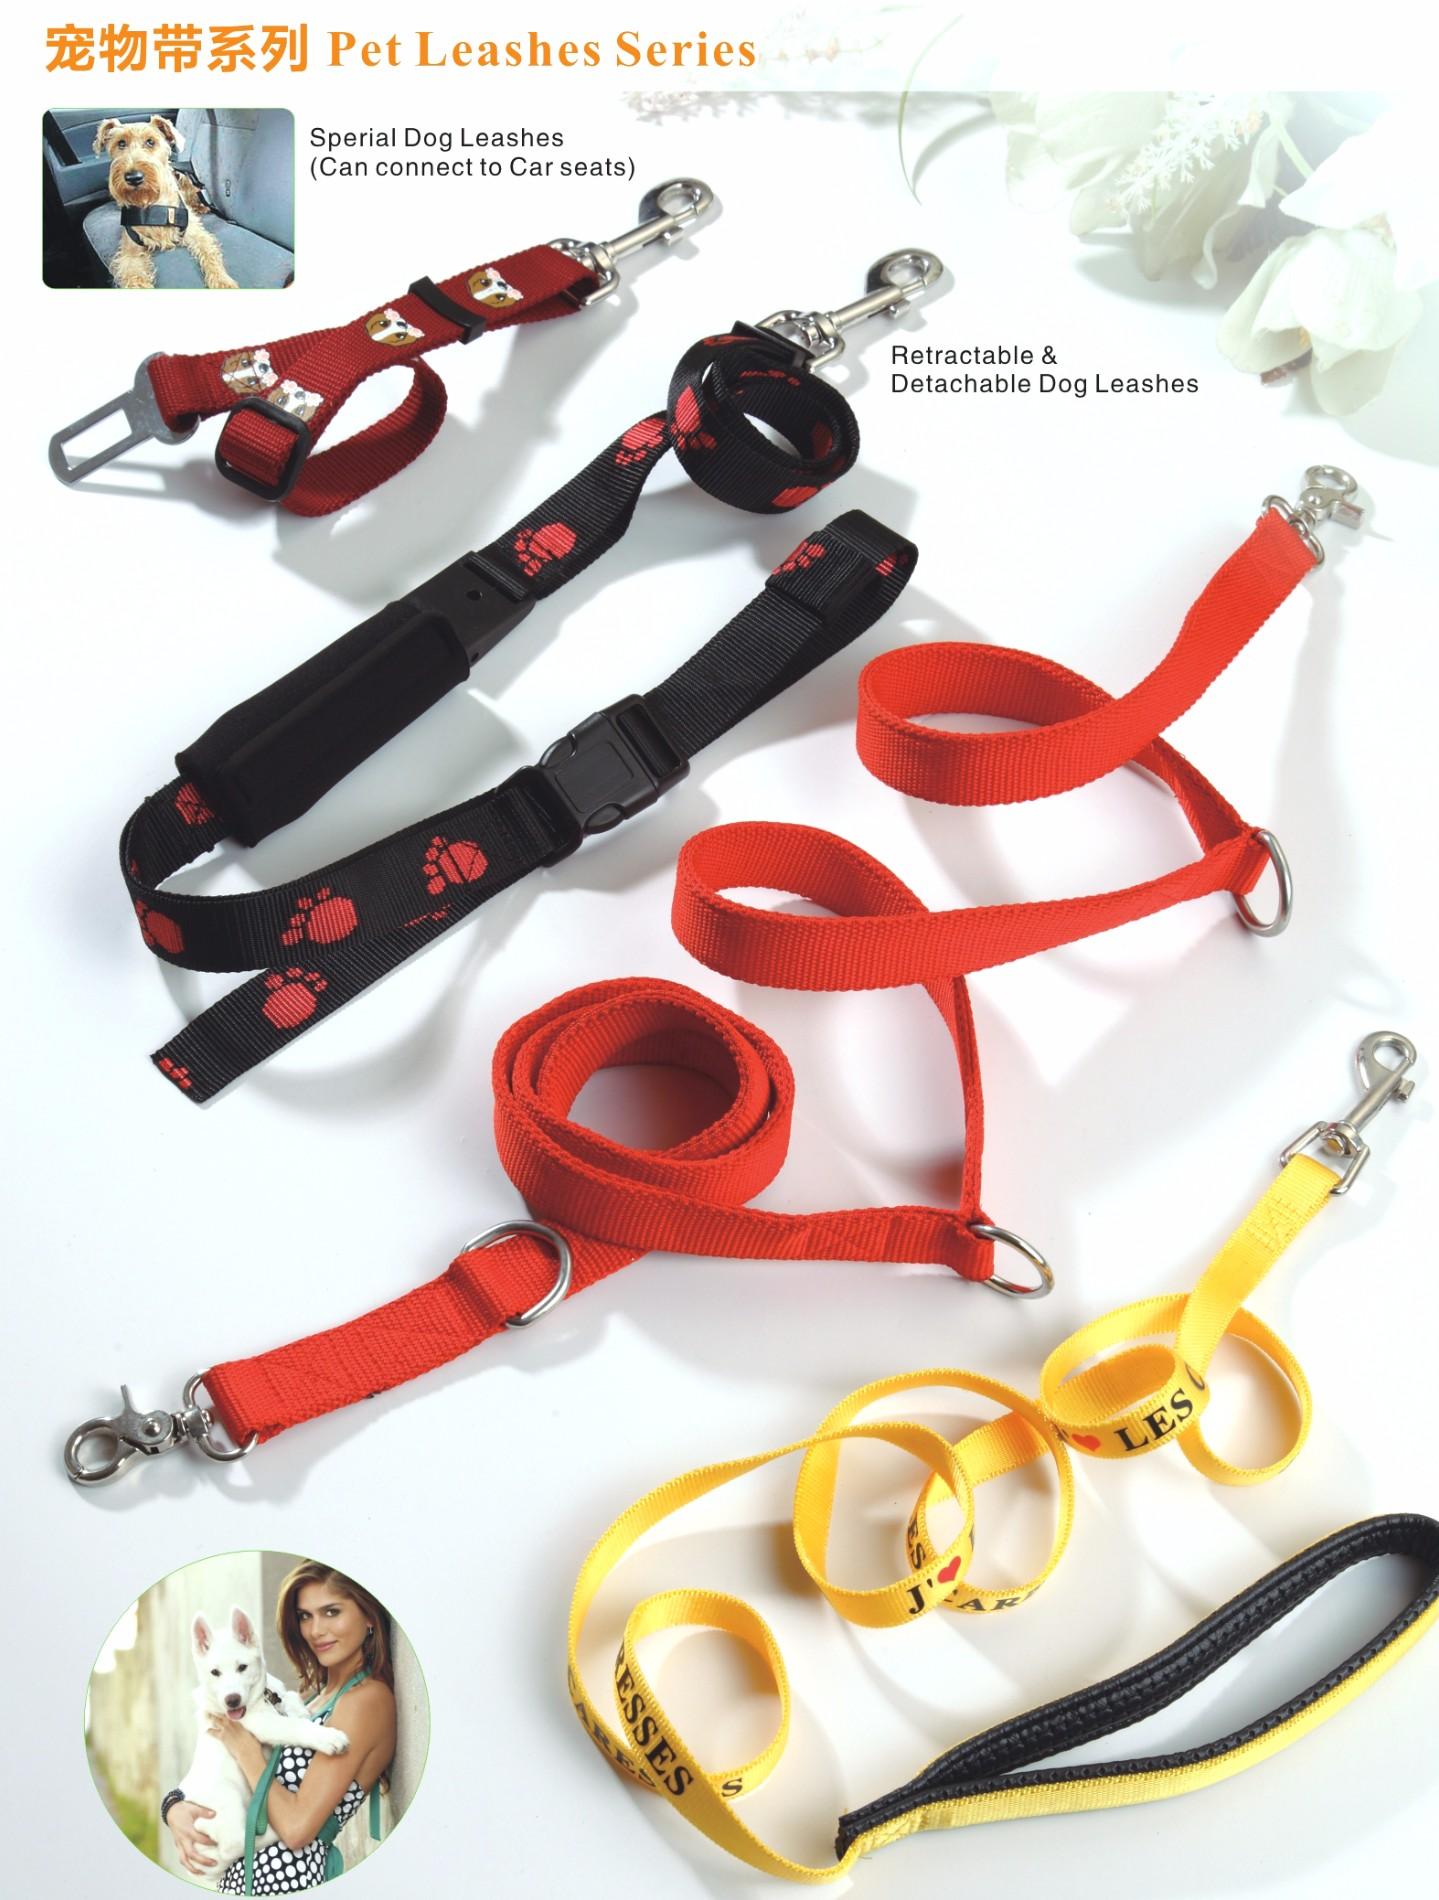 New Style Wholesale Fashion Dog Leashes Manufacturers, New Style Wholesale Fashion Dog Leashes Factory, Supply New Style Wholesale Fashion Dog Leashes